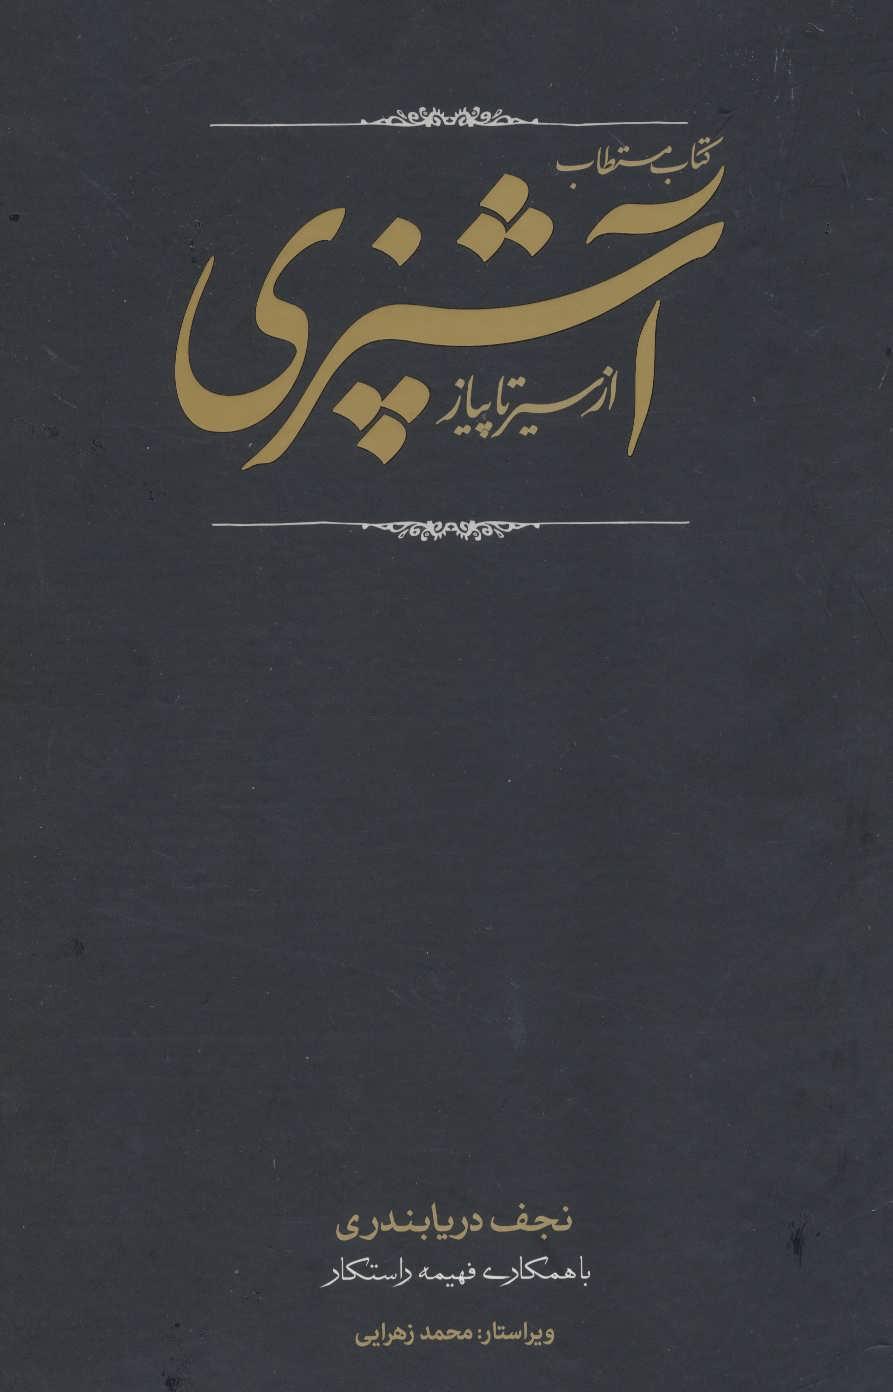 کتاب مستطاب آشپزی (از سیر تا پیاز)،(2جلدی،باقاب)